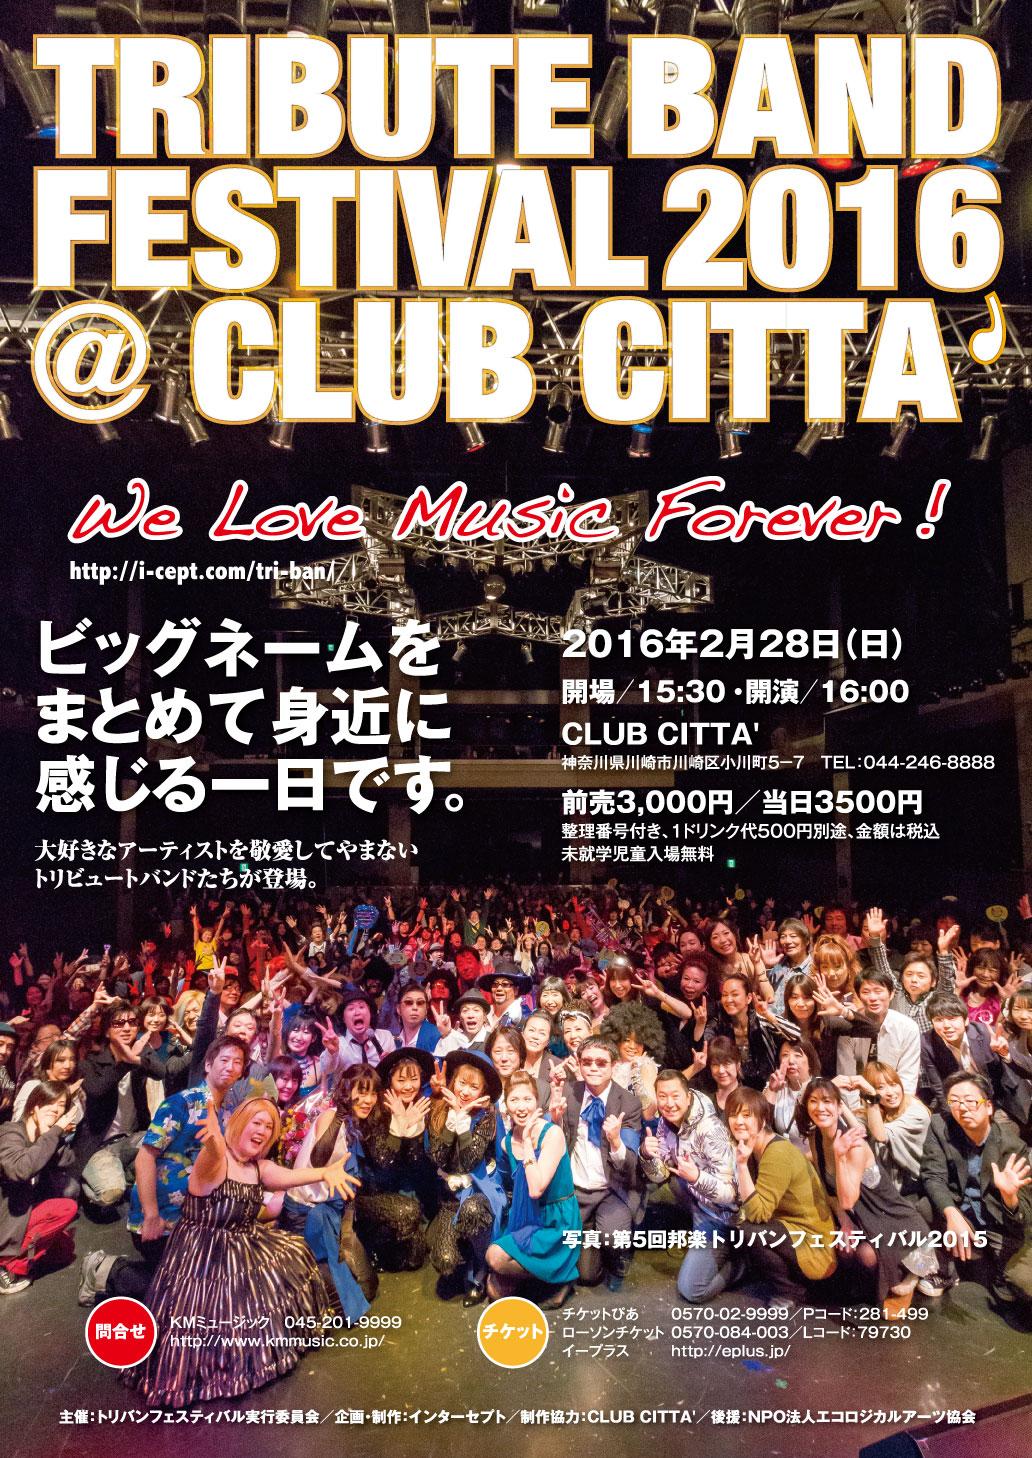 20160228(日)第6回邦楽トリビュートバンドフェスティバル2016@川崎クラブチッタのお知らせ。